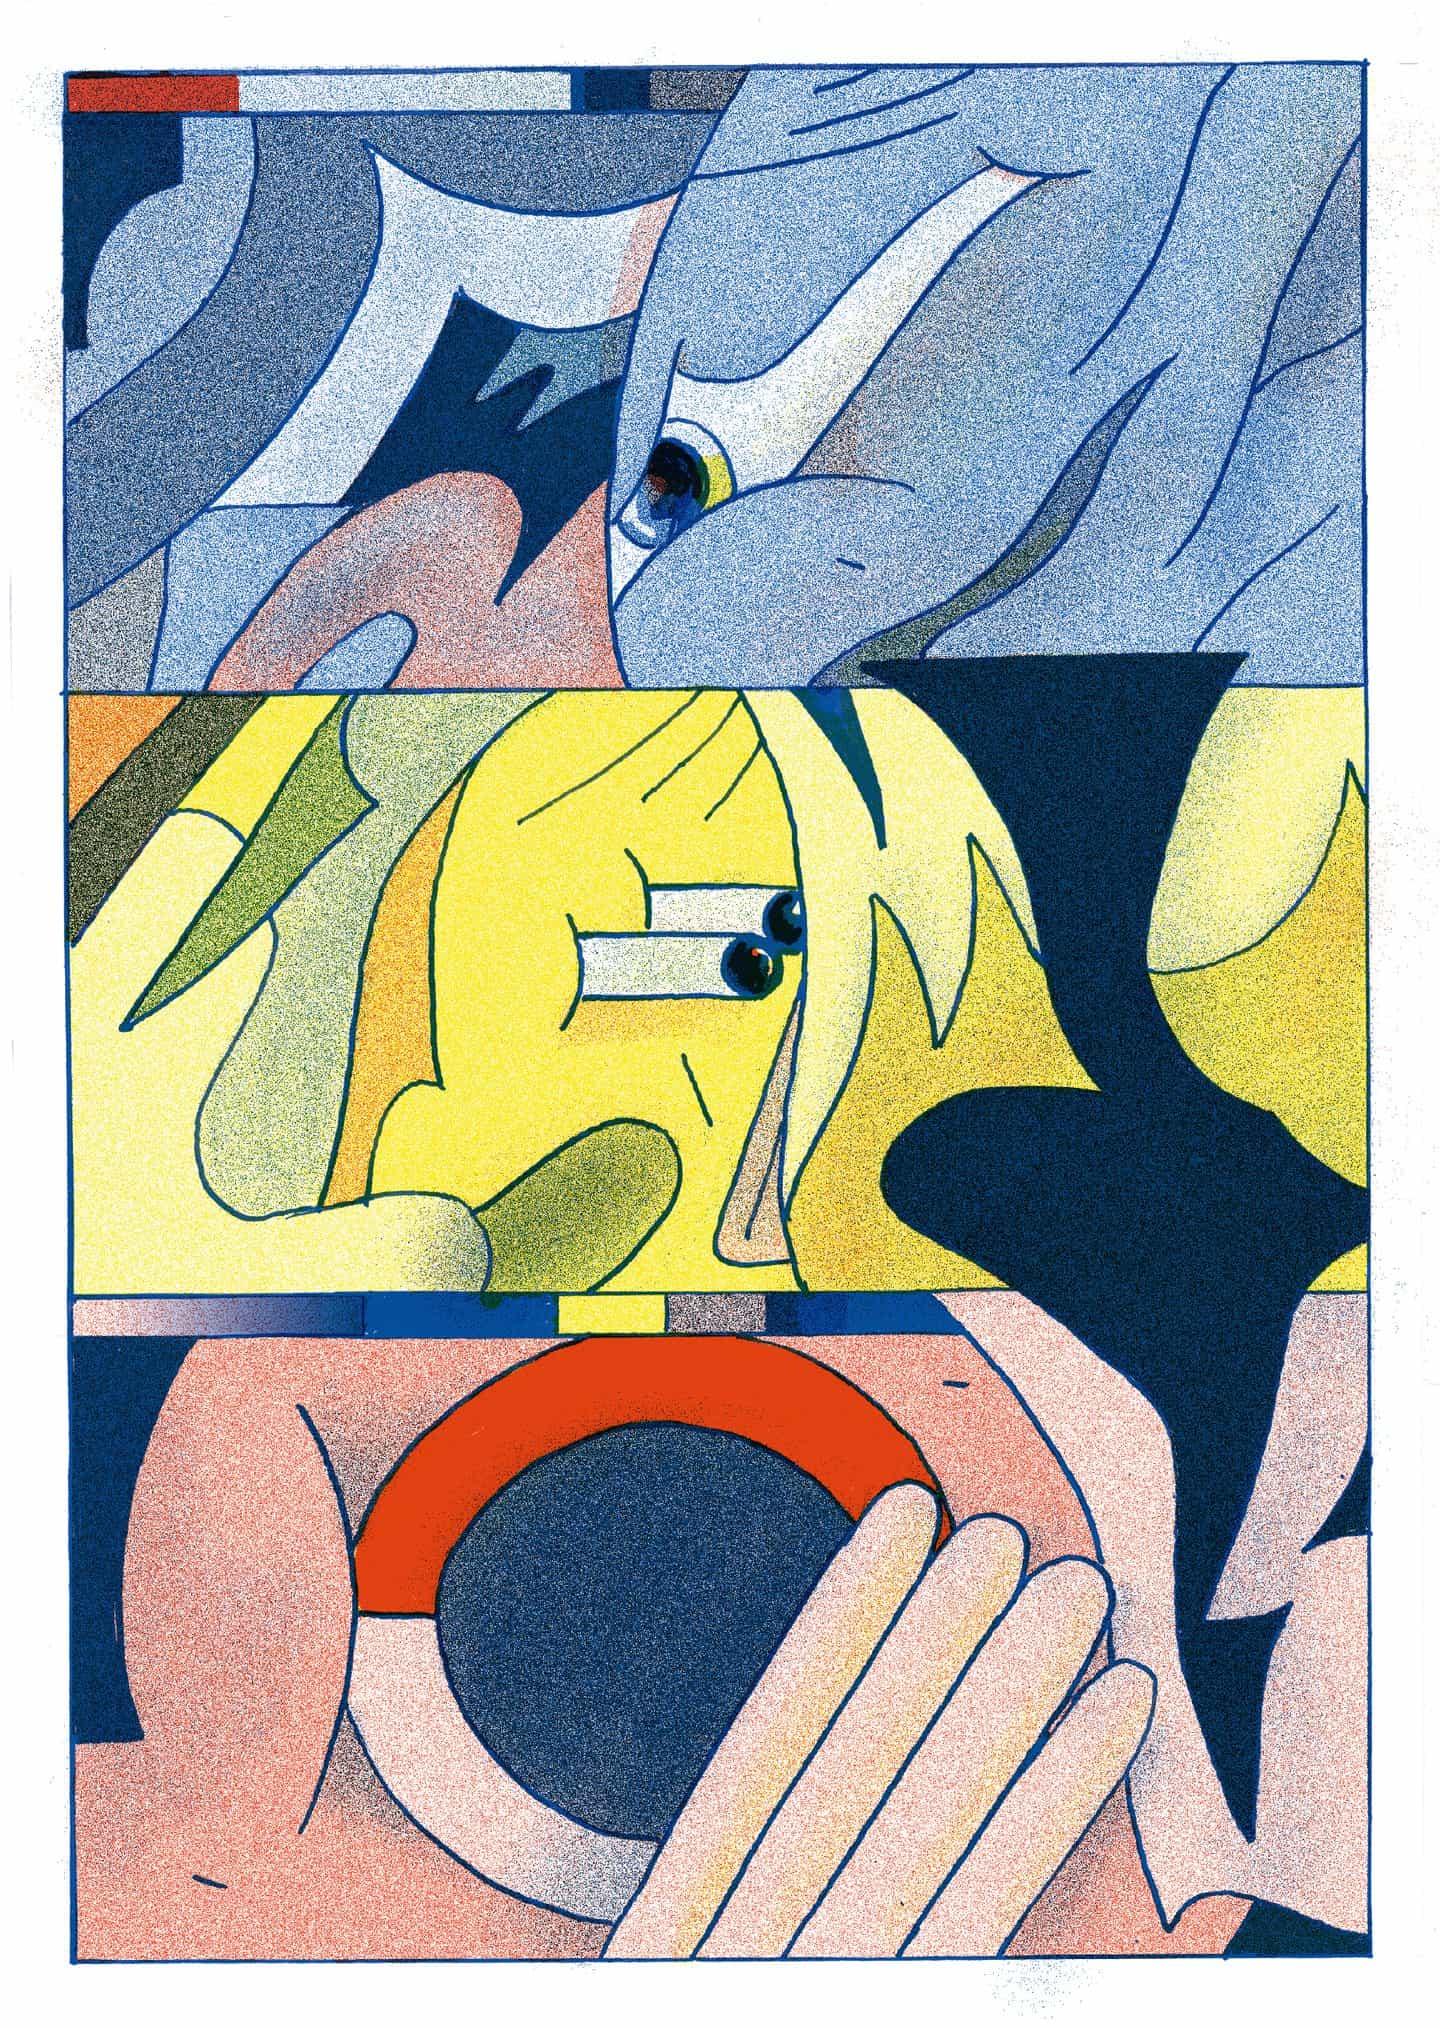 Diferentes mundos chocan en un crisol abstracto en nodon de Tim Romanowsky